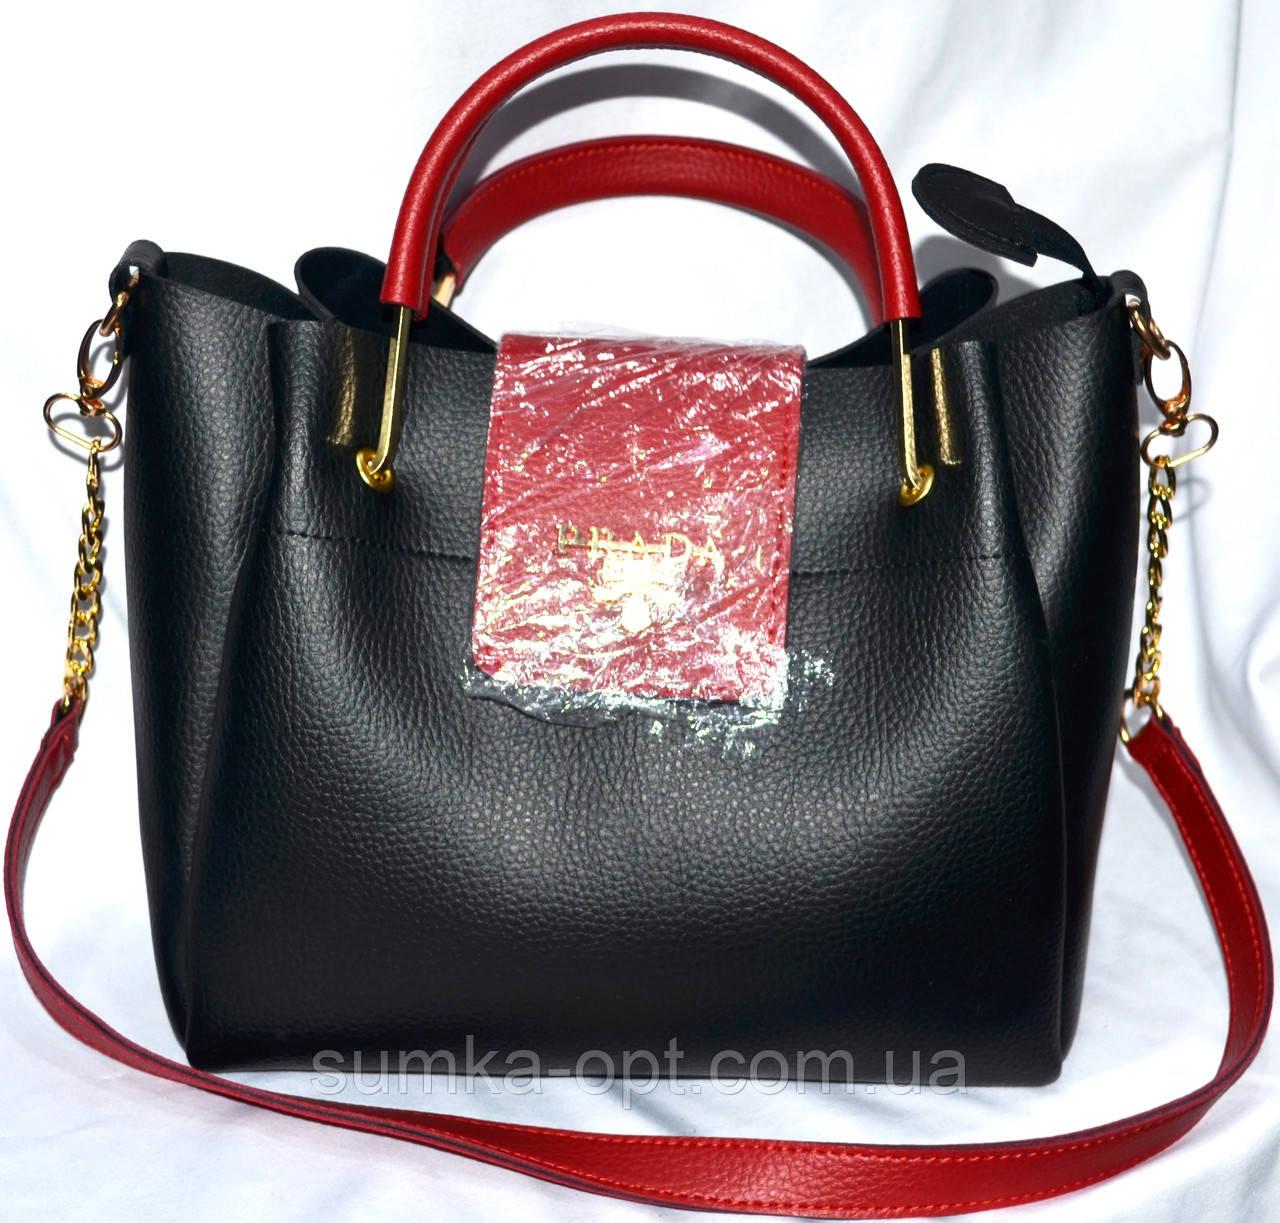 Женские брендовые сумки Prada +клатч (черный+красный)23 27см ... fe09a8f2835